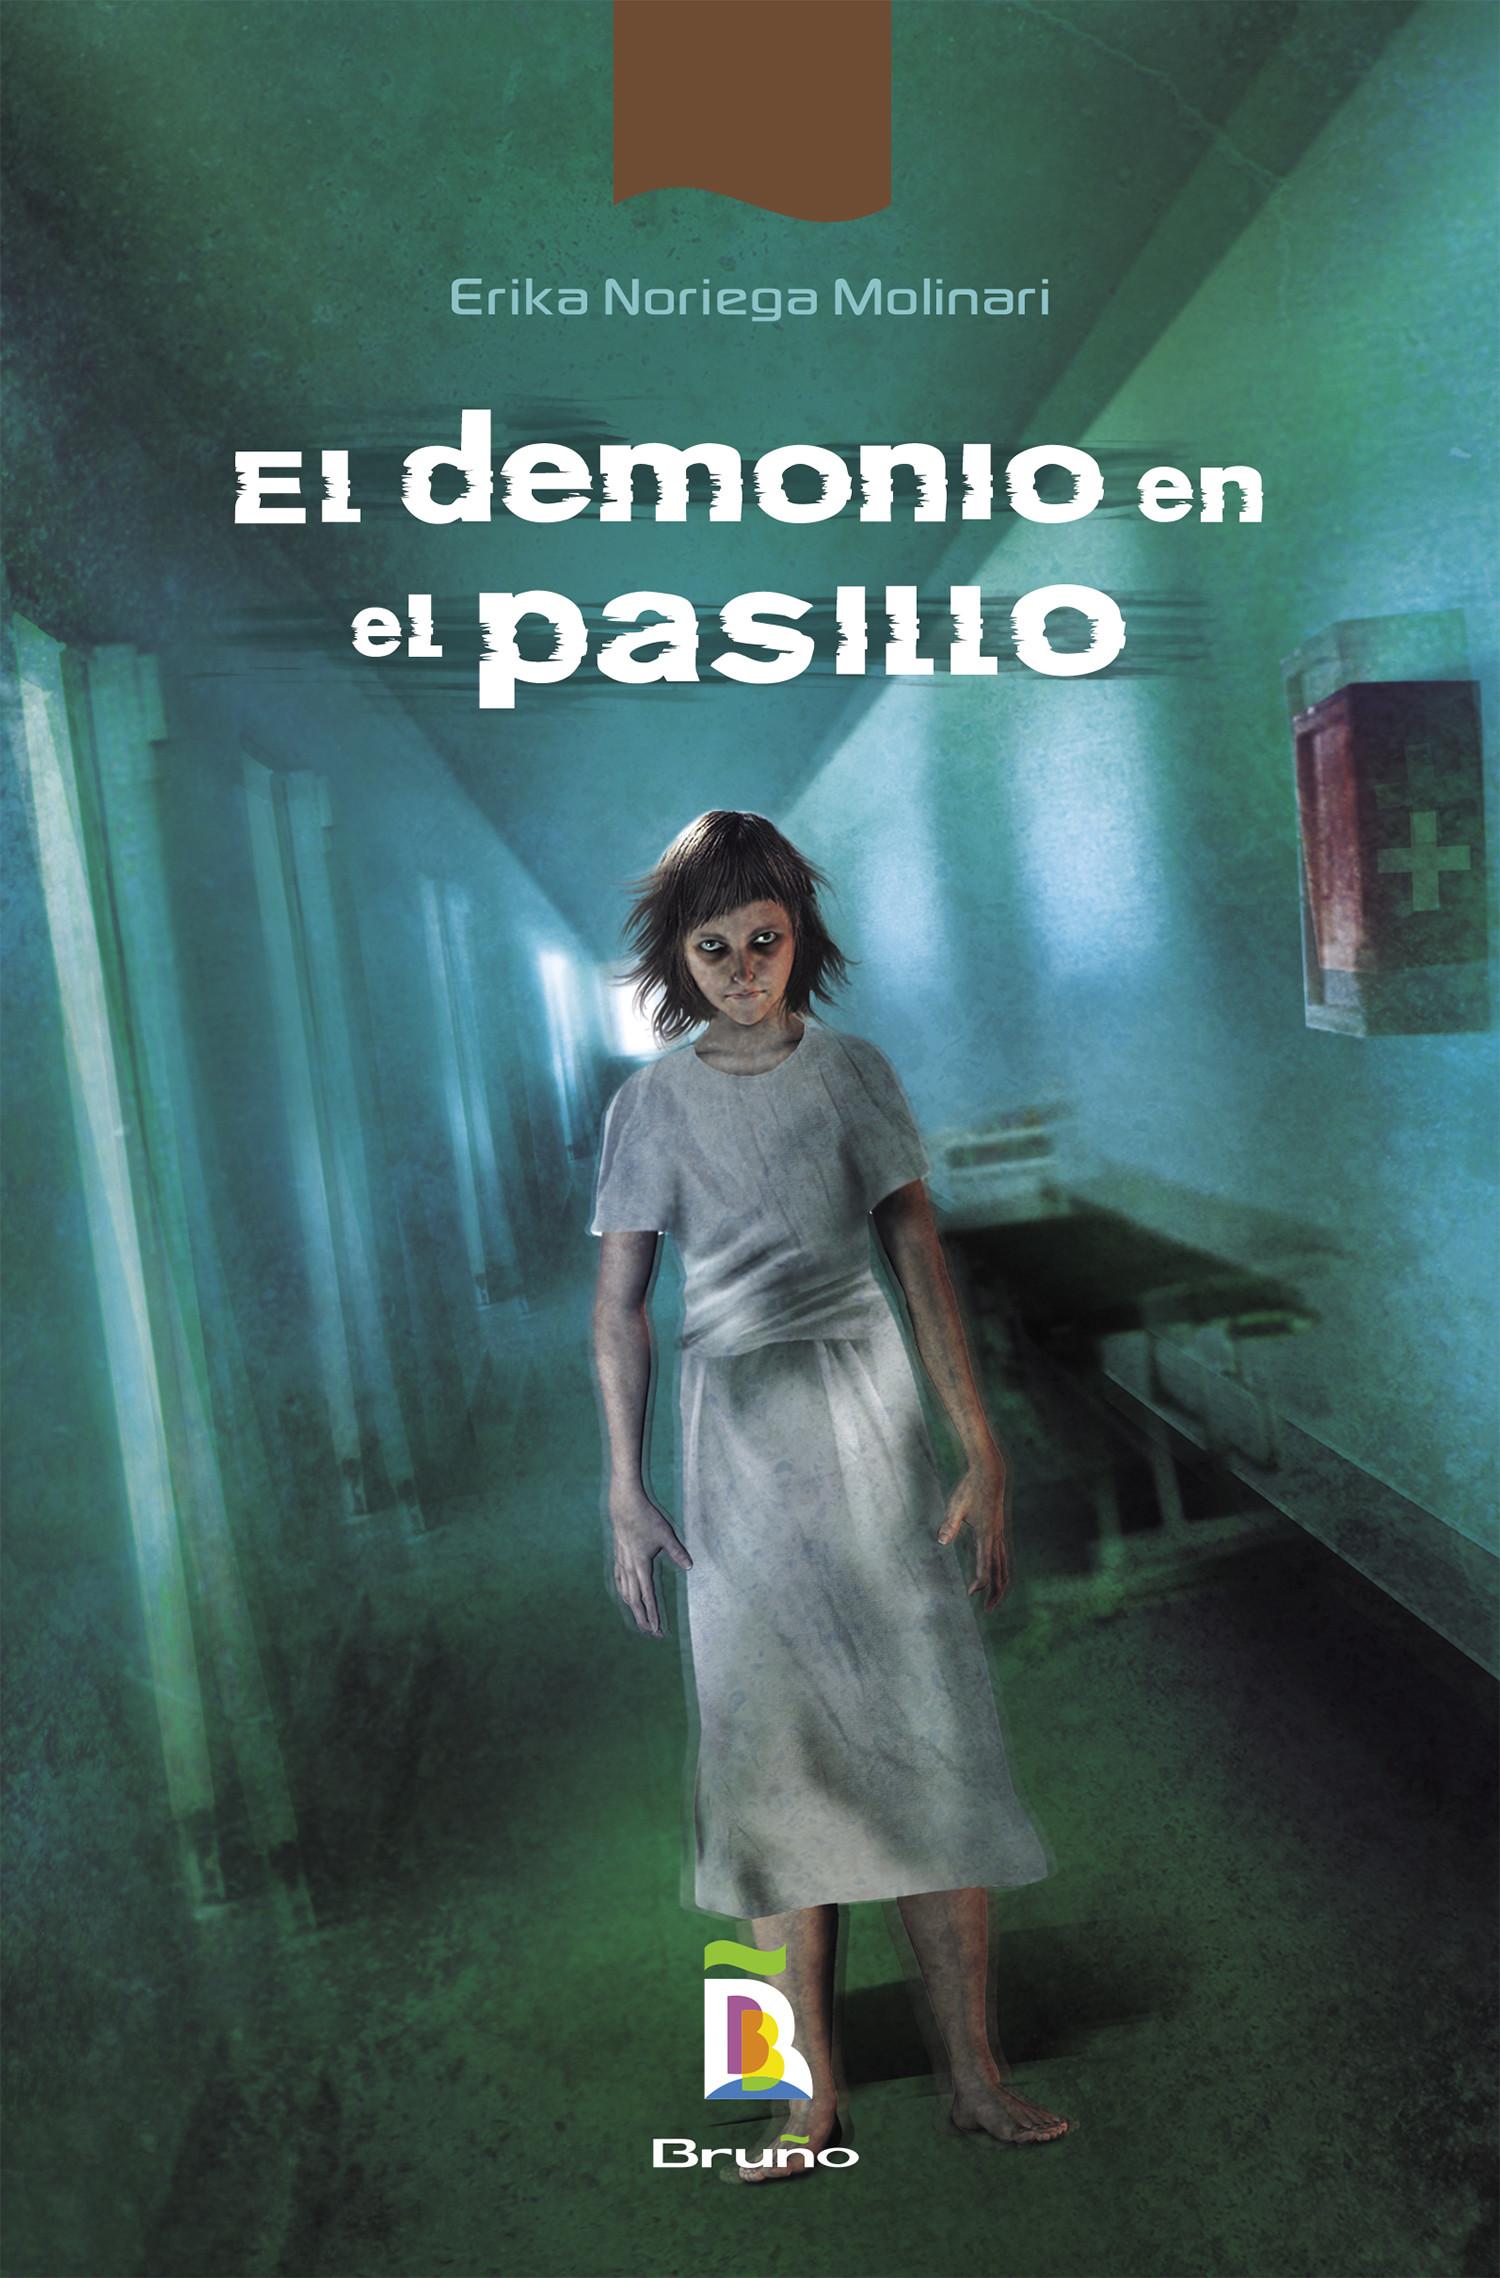 El demonio en el pasillo